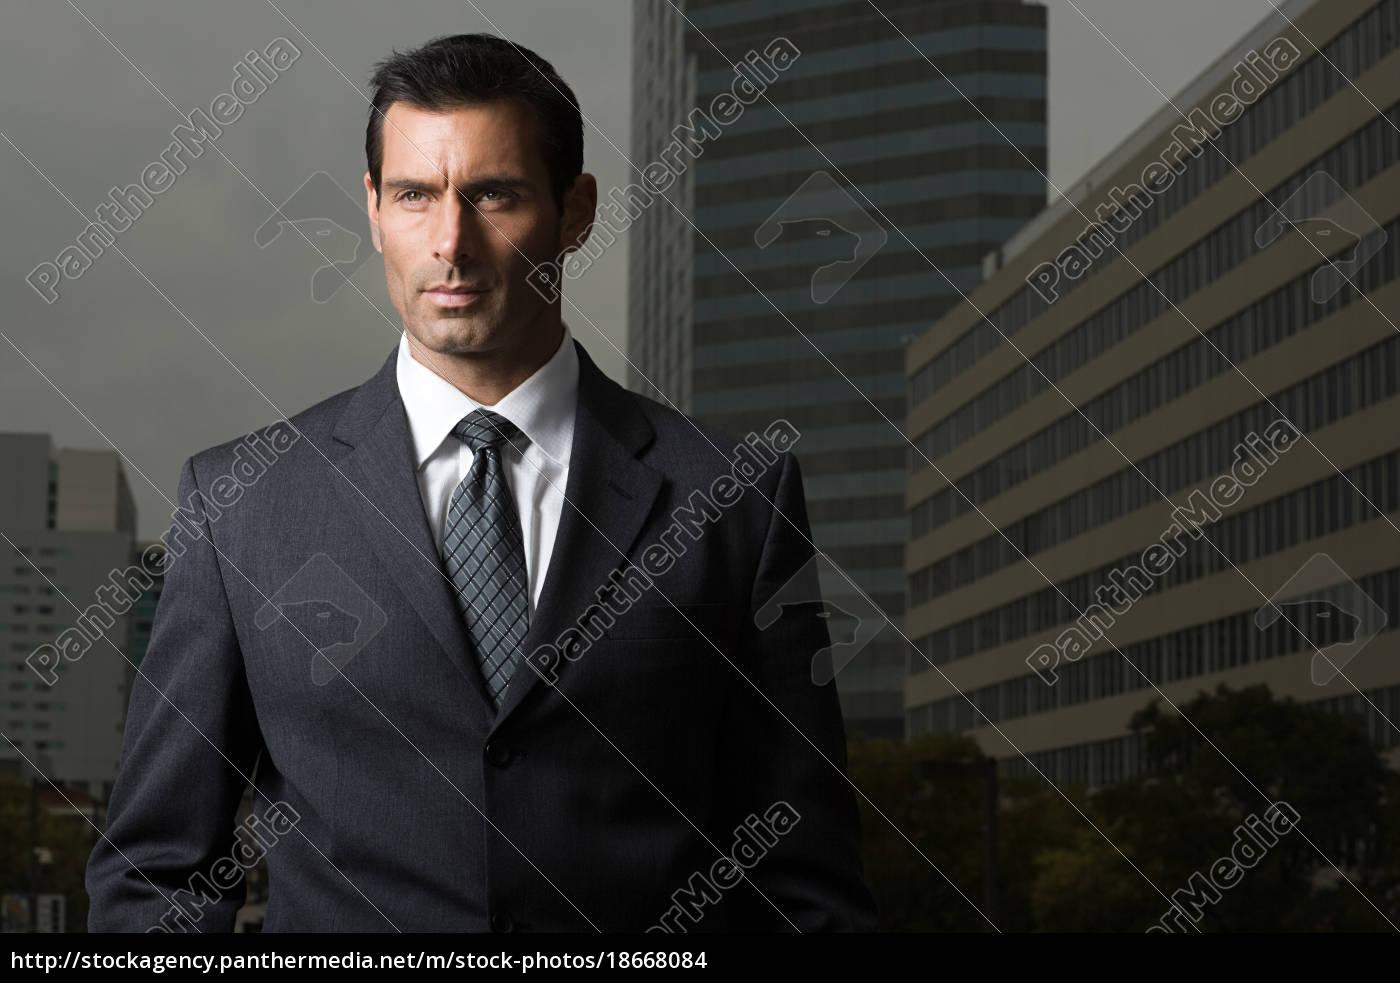 portrait, of, a, businessman, against, a - 18668084